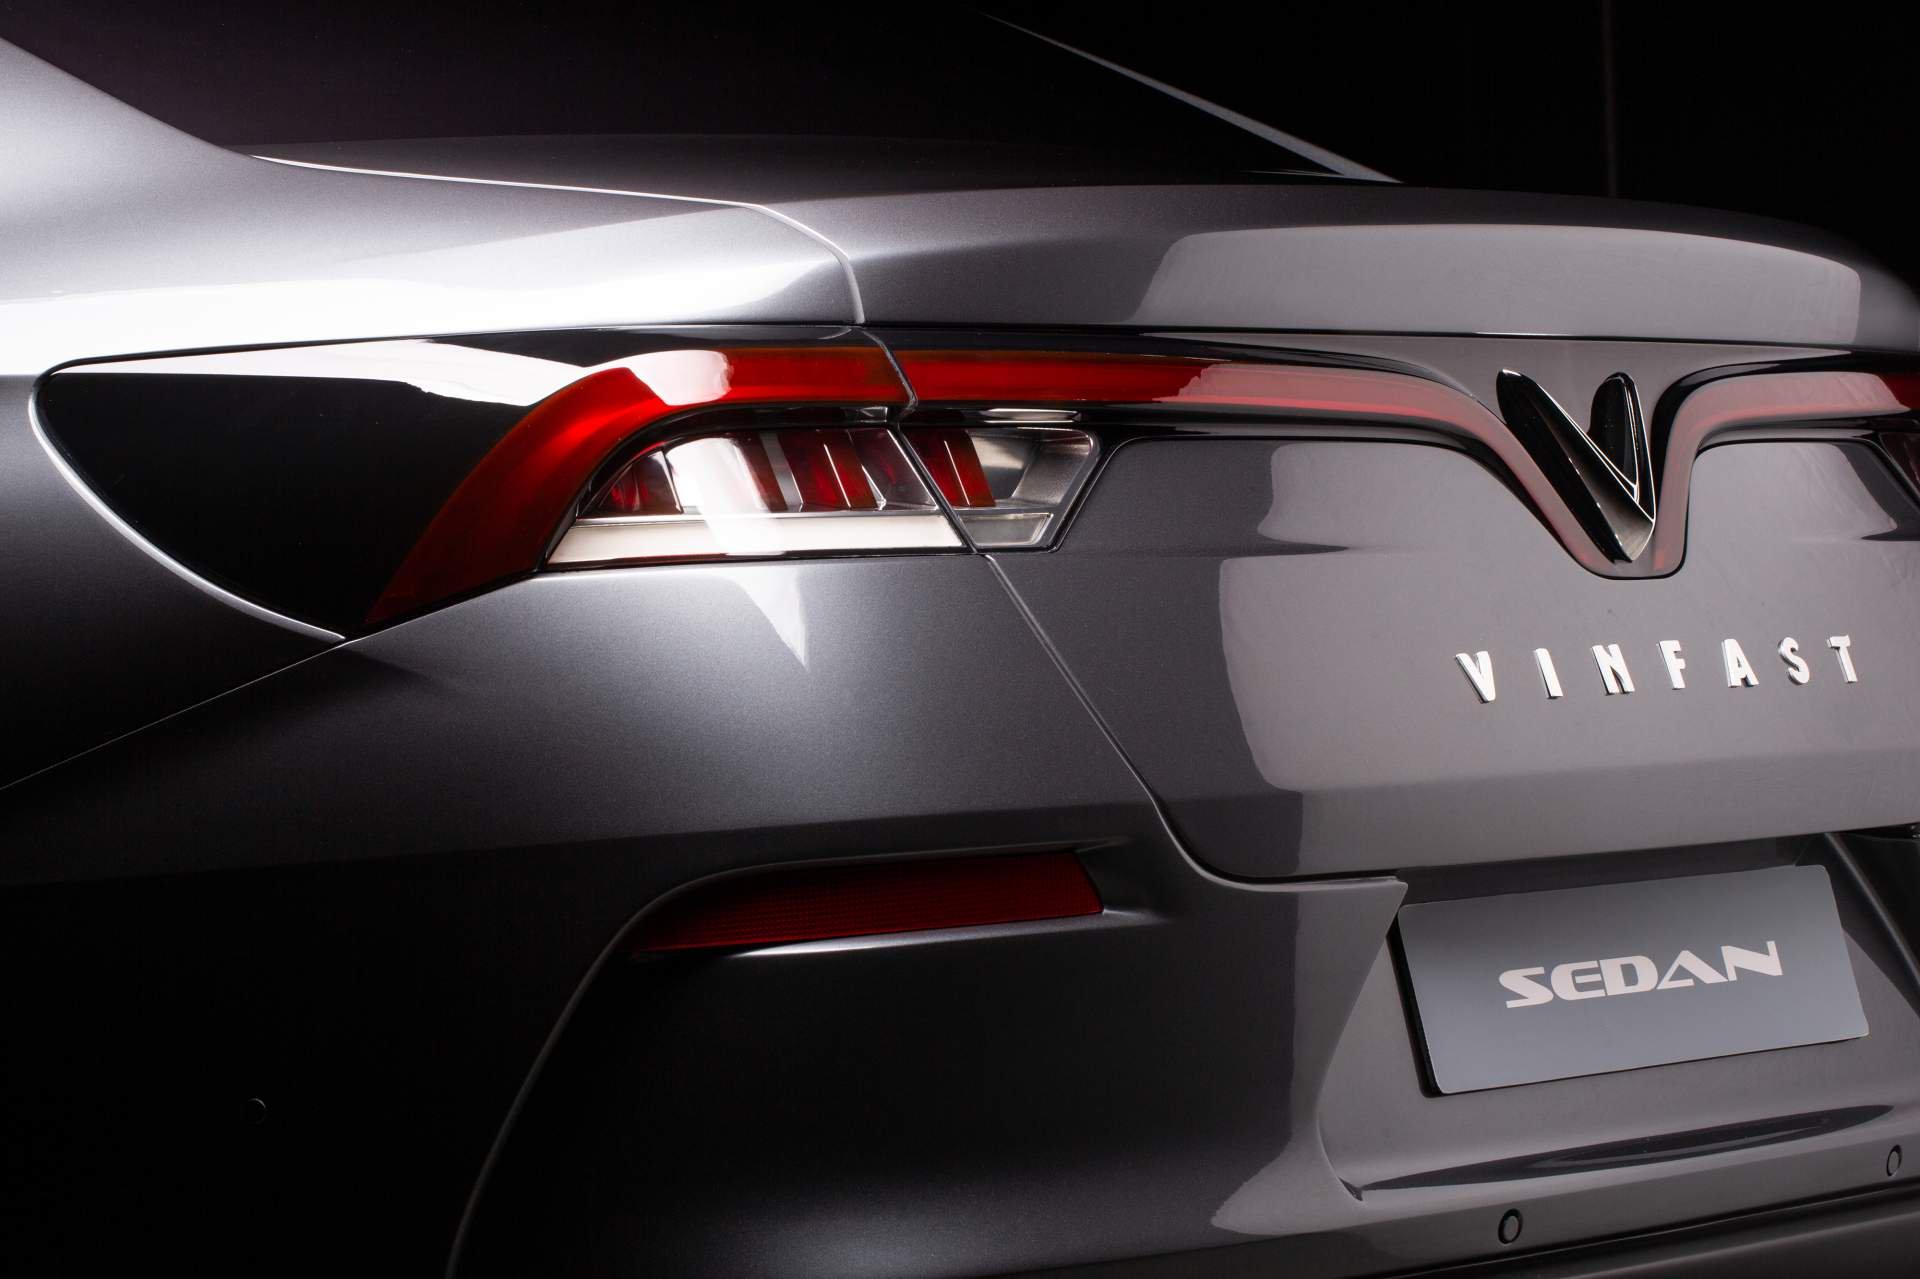 1ae91ce7-vinfast-sedan-3.jpg